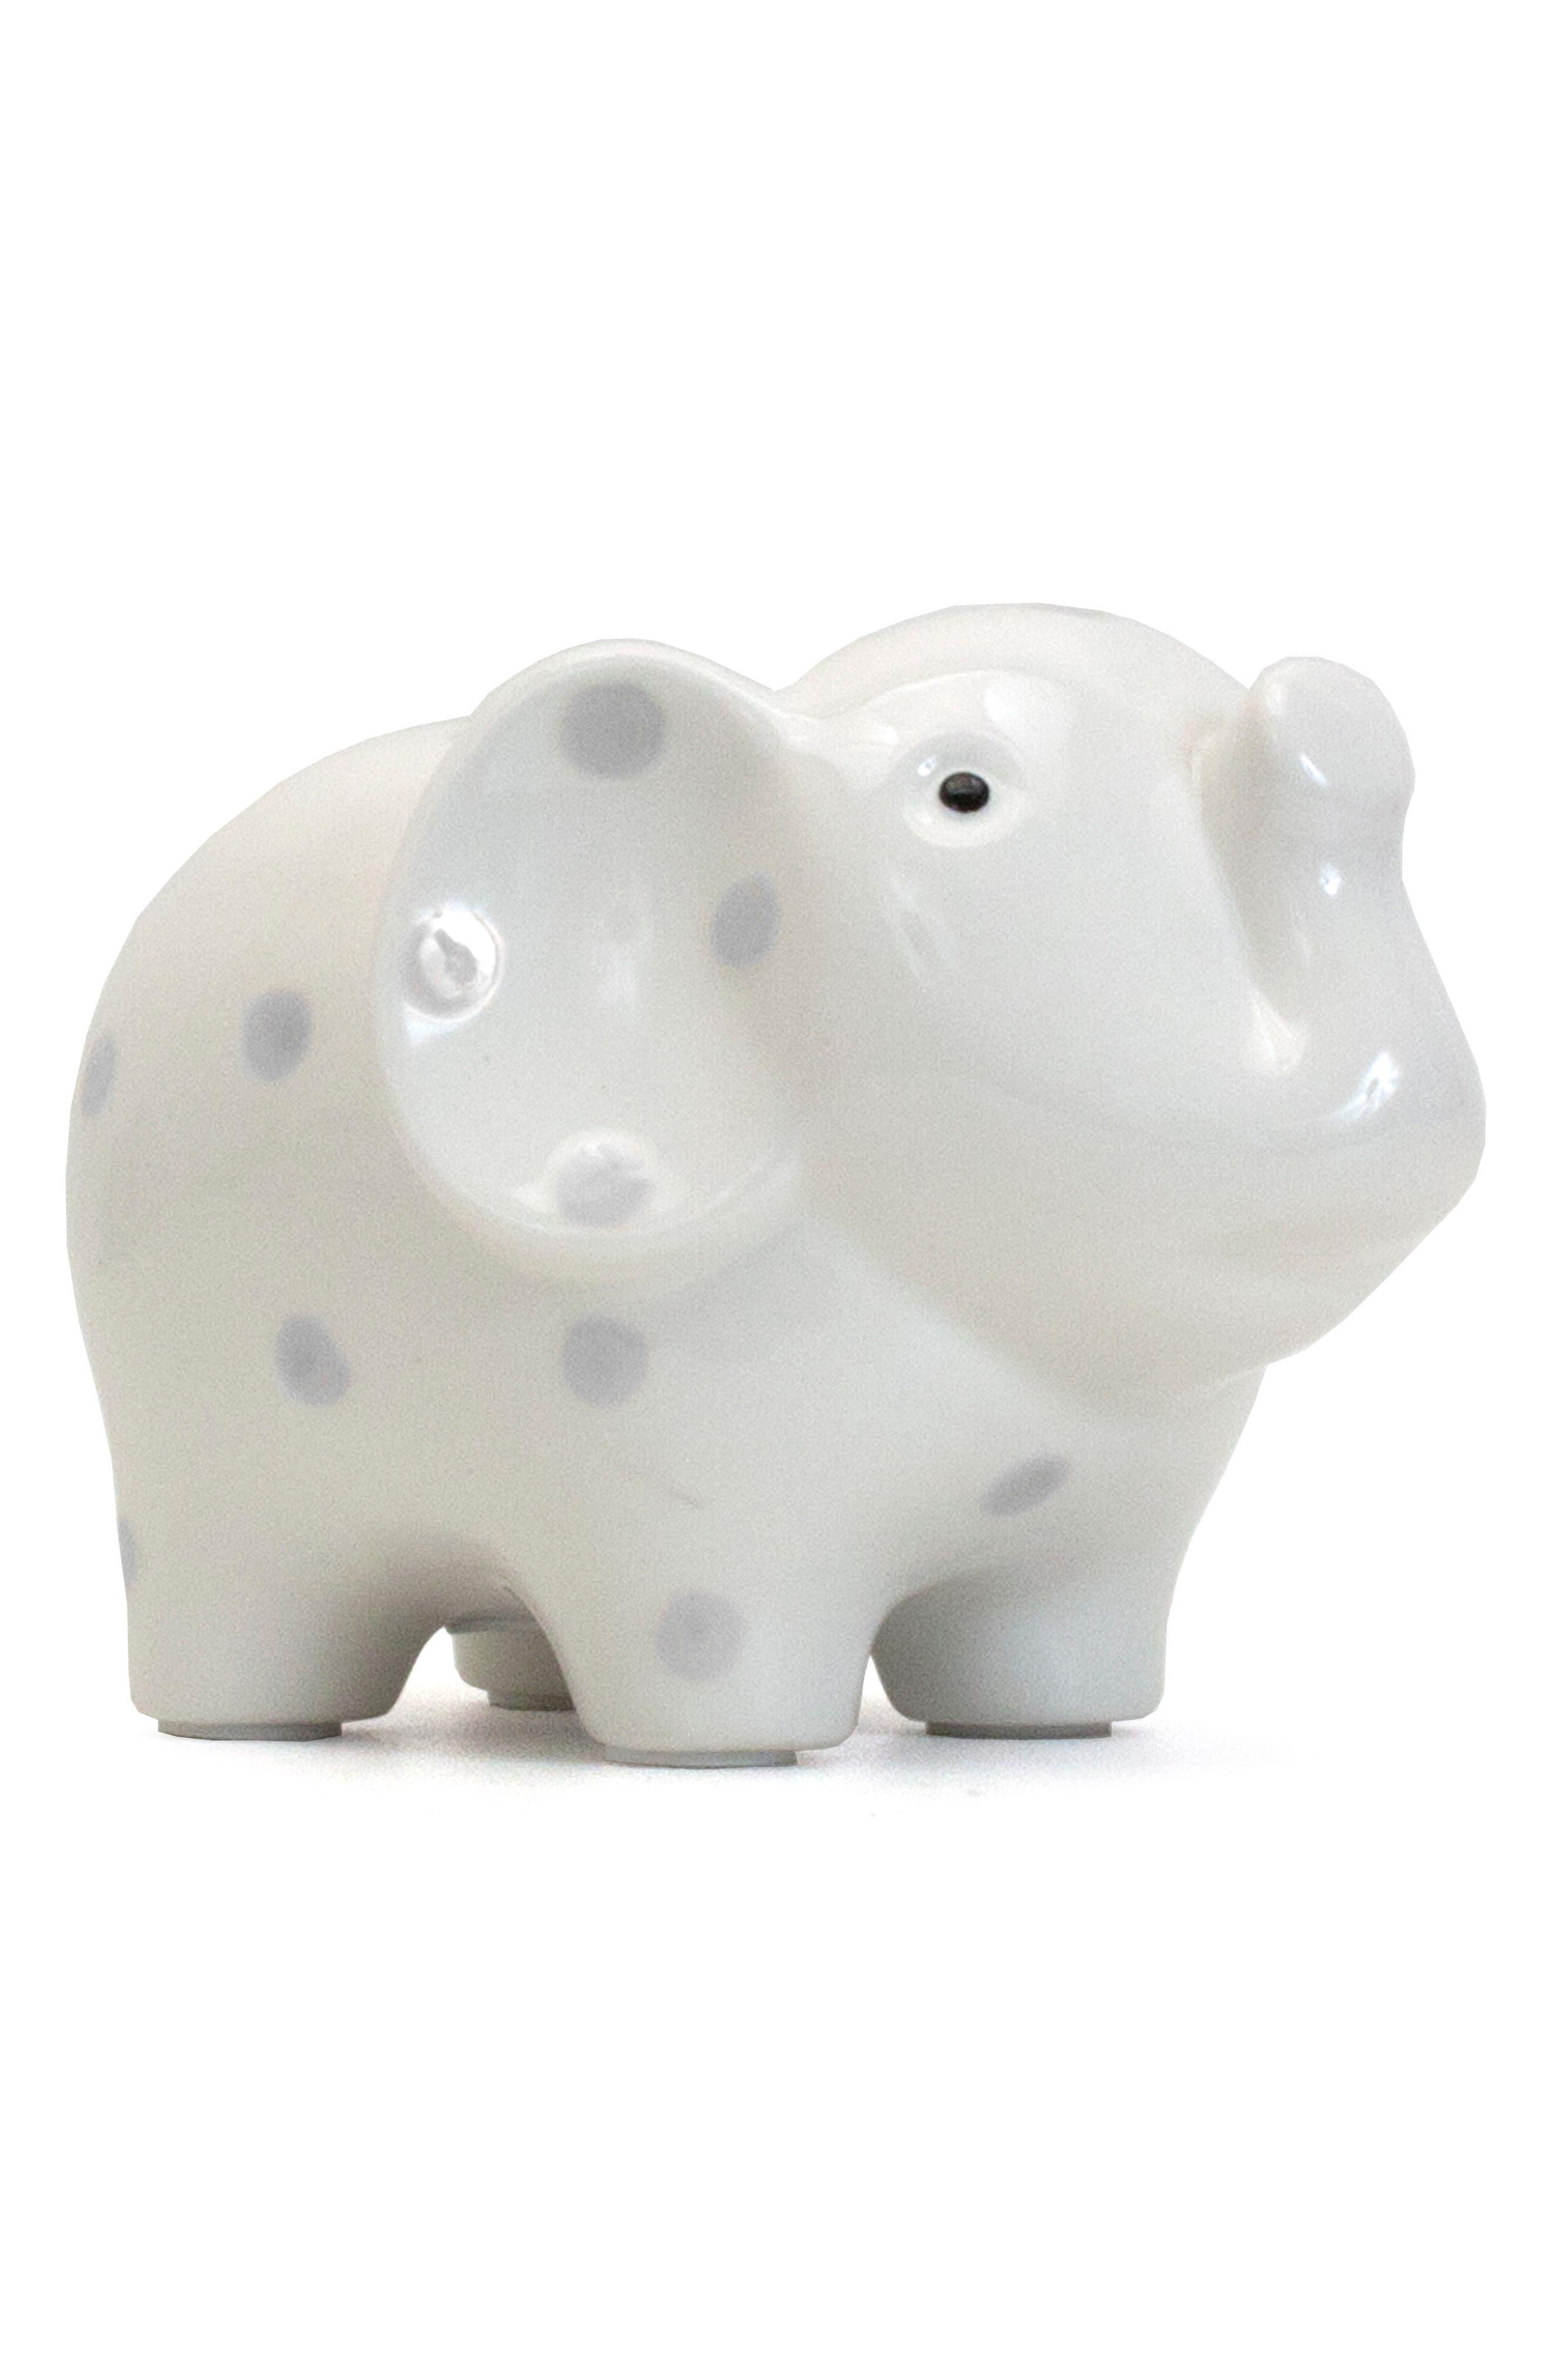 Polka Dot Elephant Bank,                             Main thumbnail 1, color,                             020